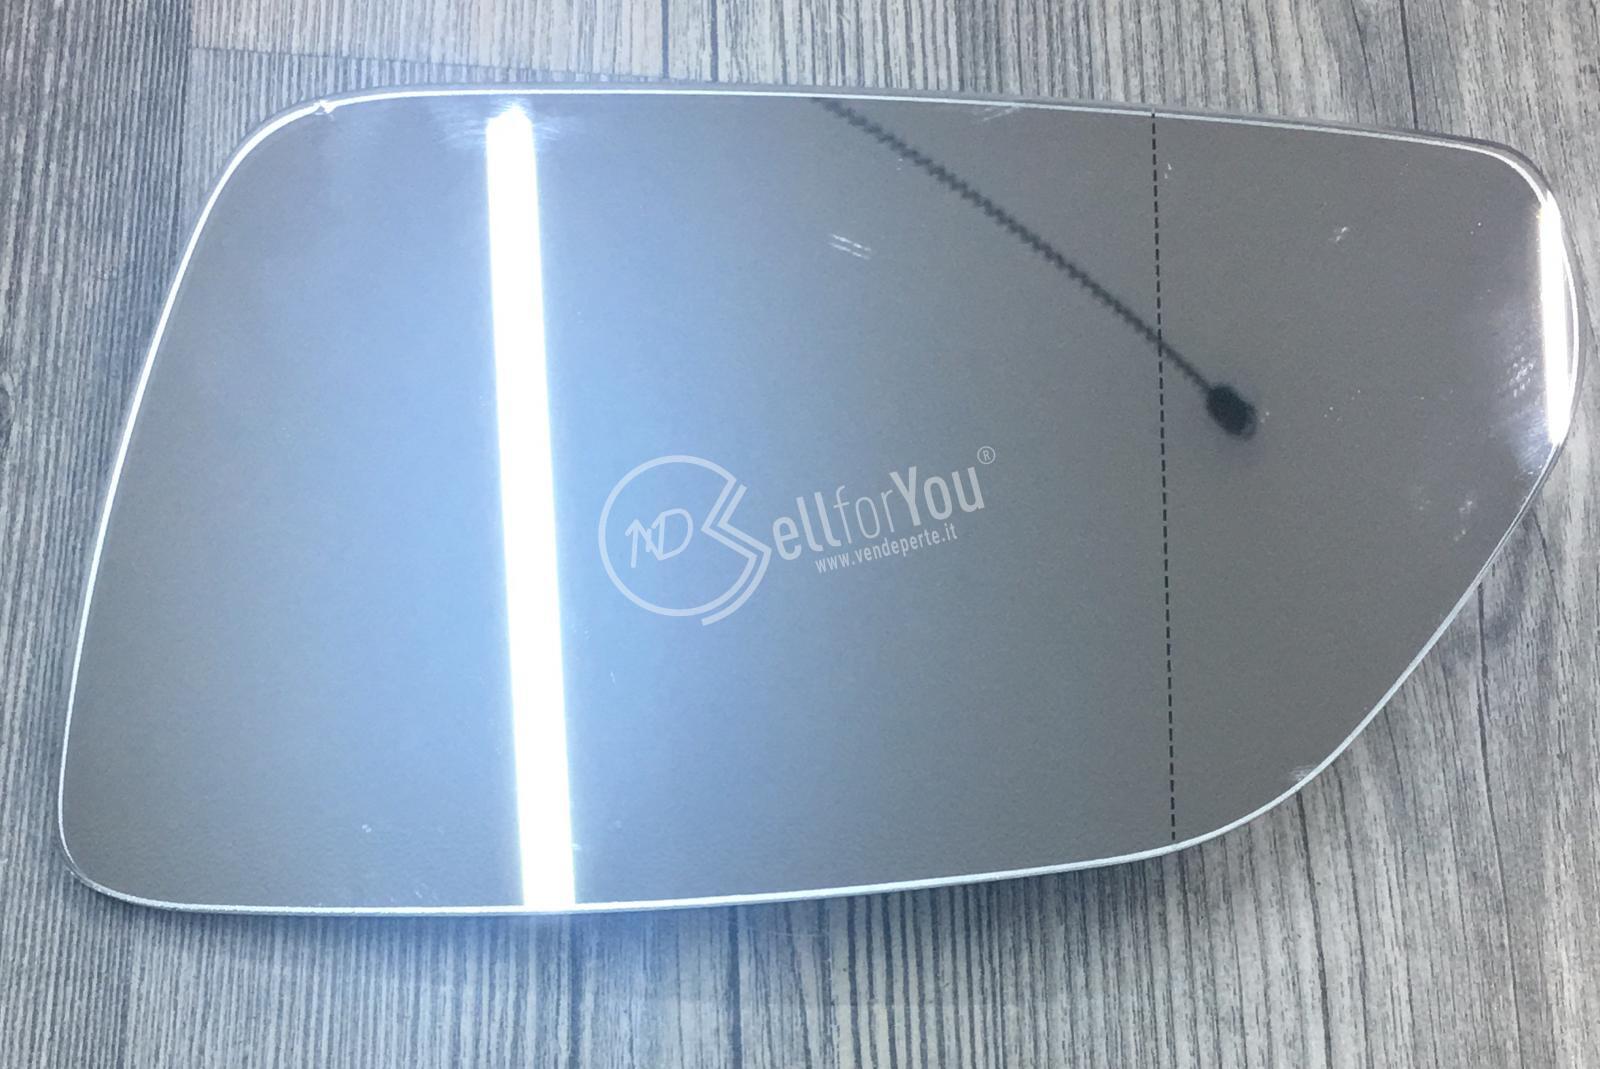 sellforyou immagine default articolo correlato non trovatoVetro specchio sinistro VW Polo codice. 6Q0857521E